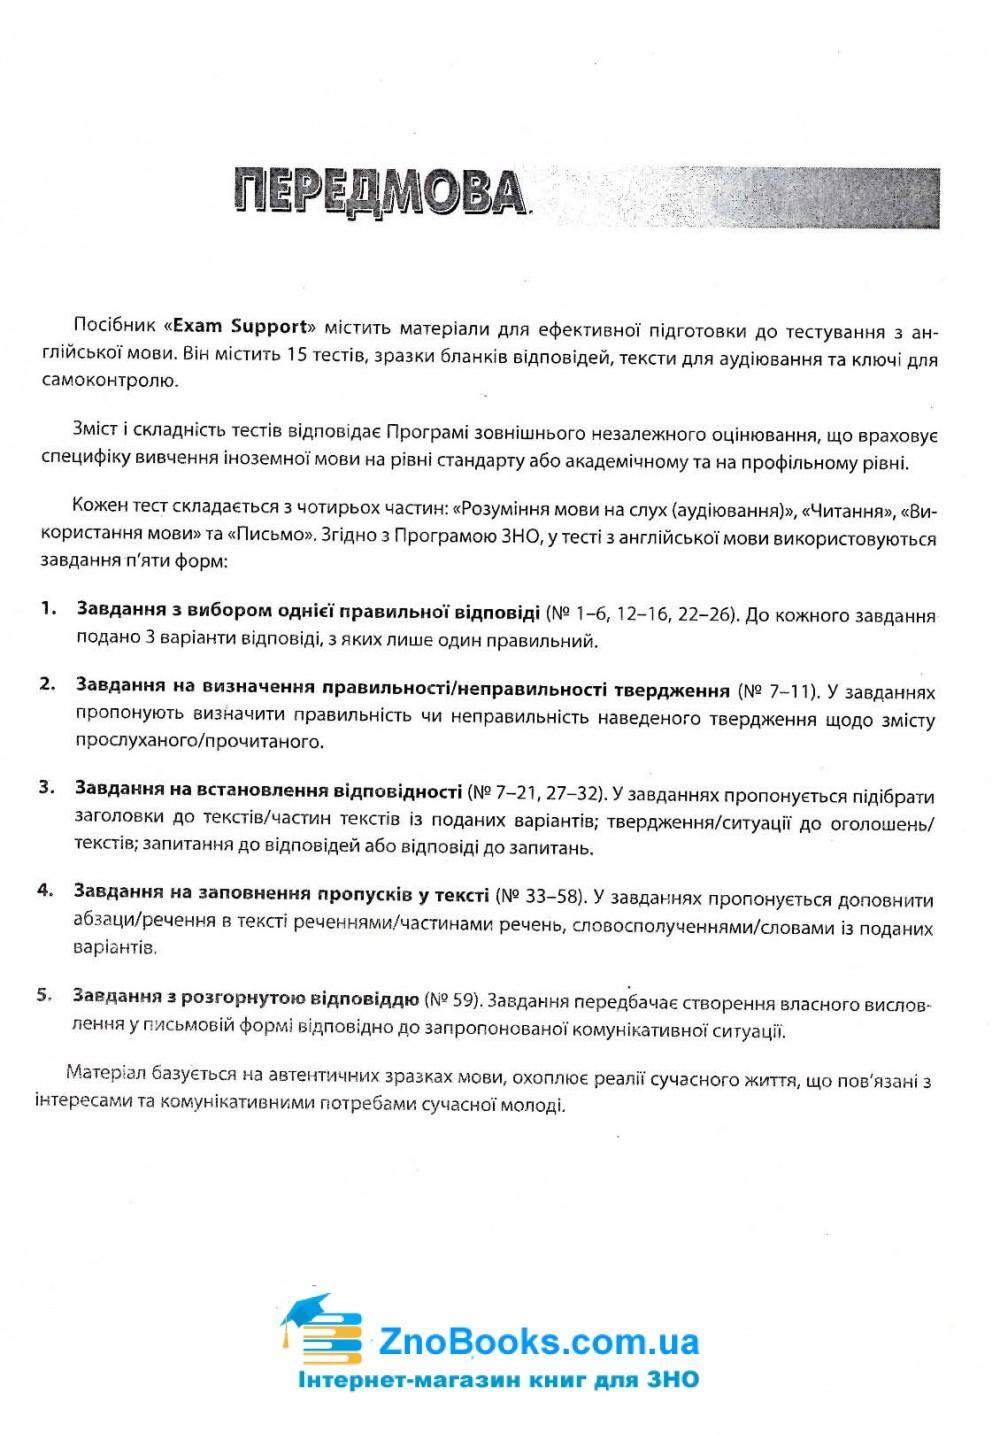 Англійська мова (Exam Support). Тестові завдання у форматі ЗНО та ДПА 2020. купити 3